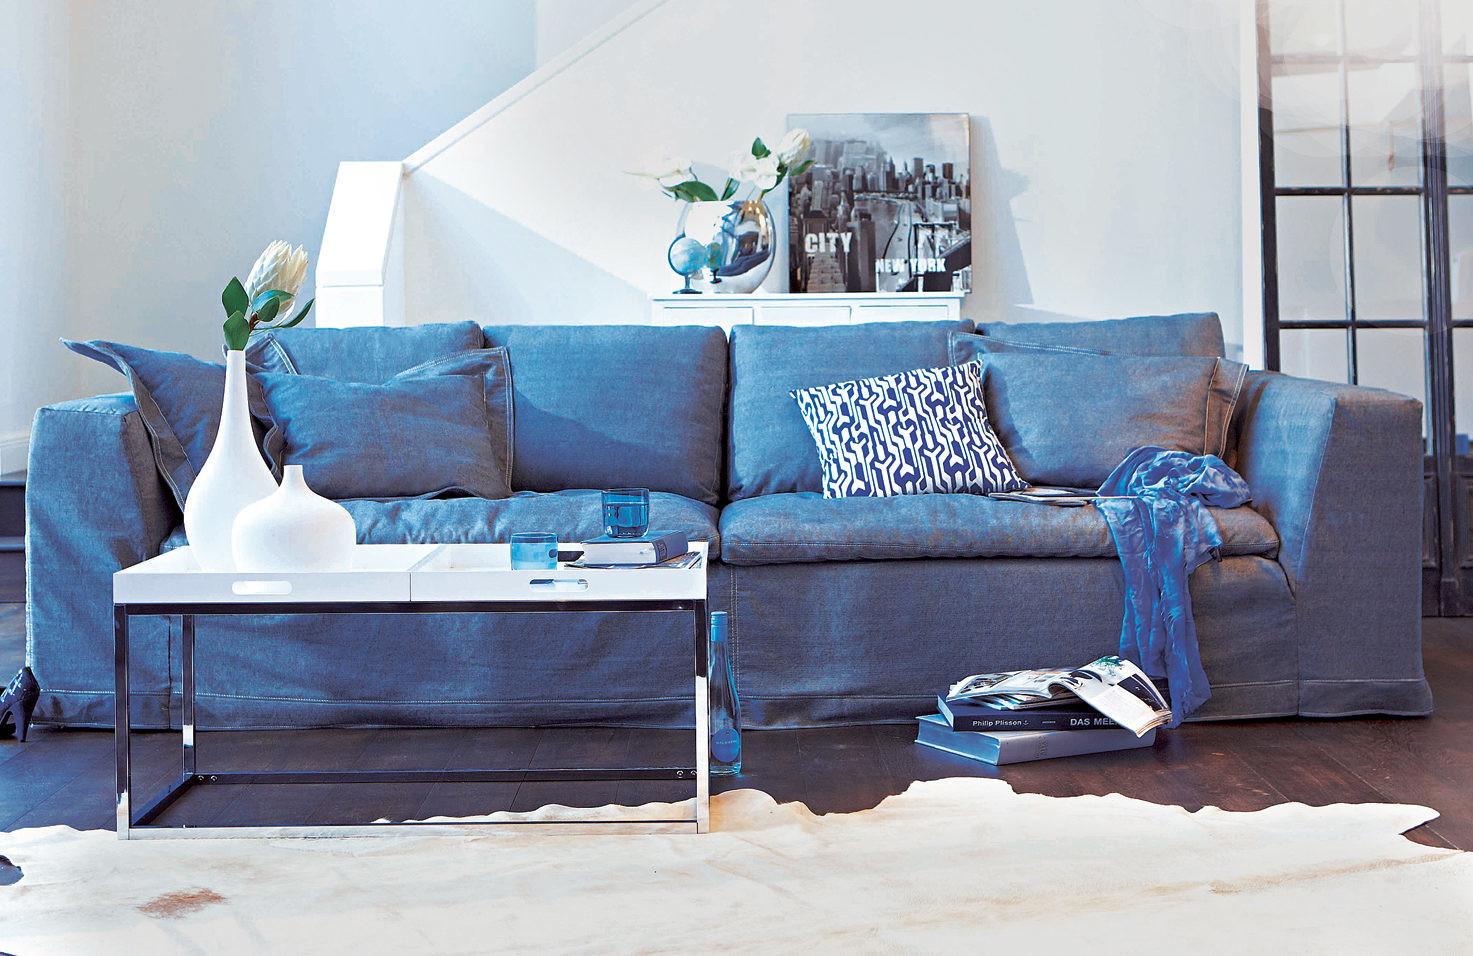 Мебельные чехлы: интересные идеи для обновления интерьера